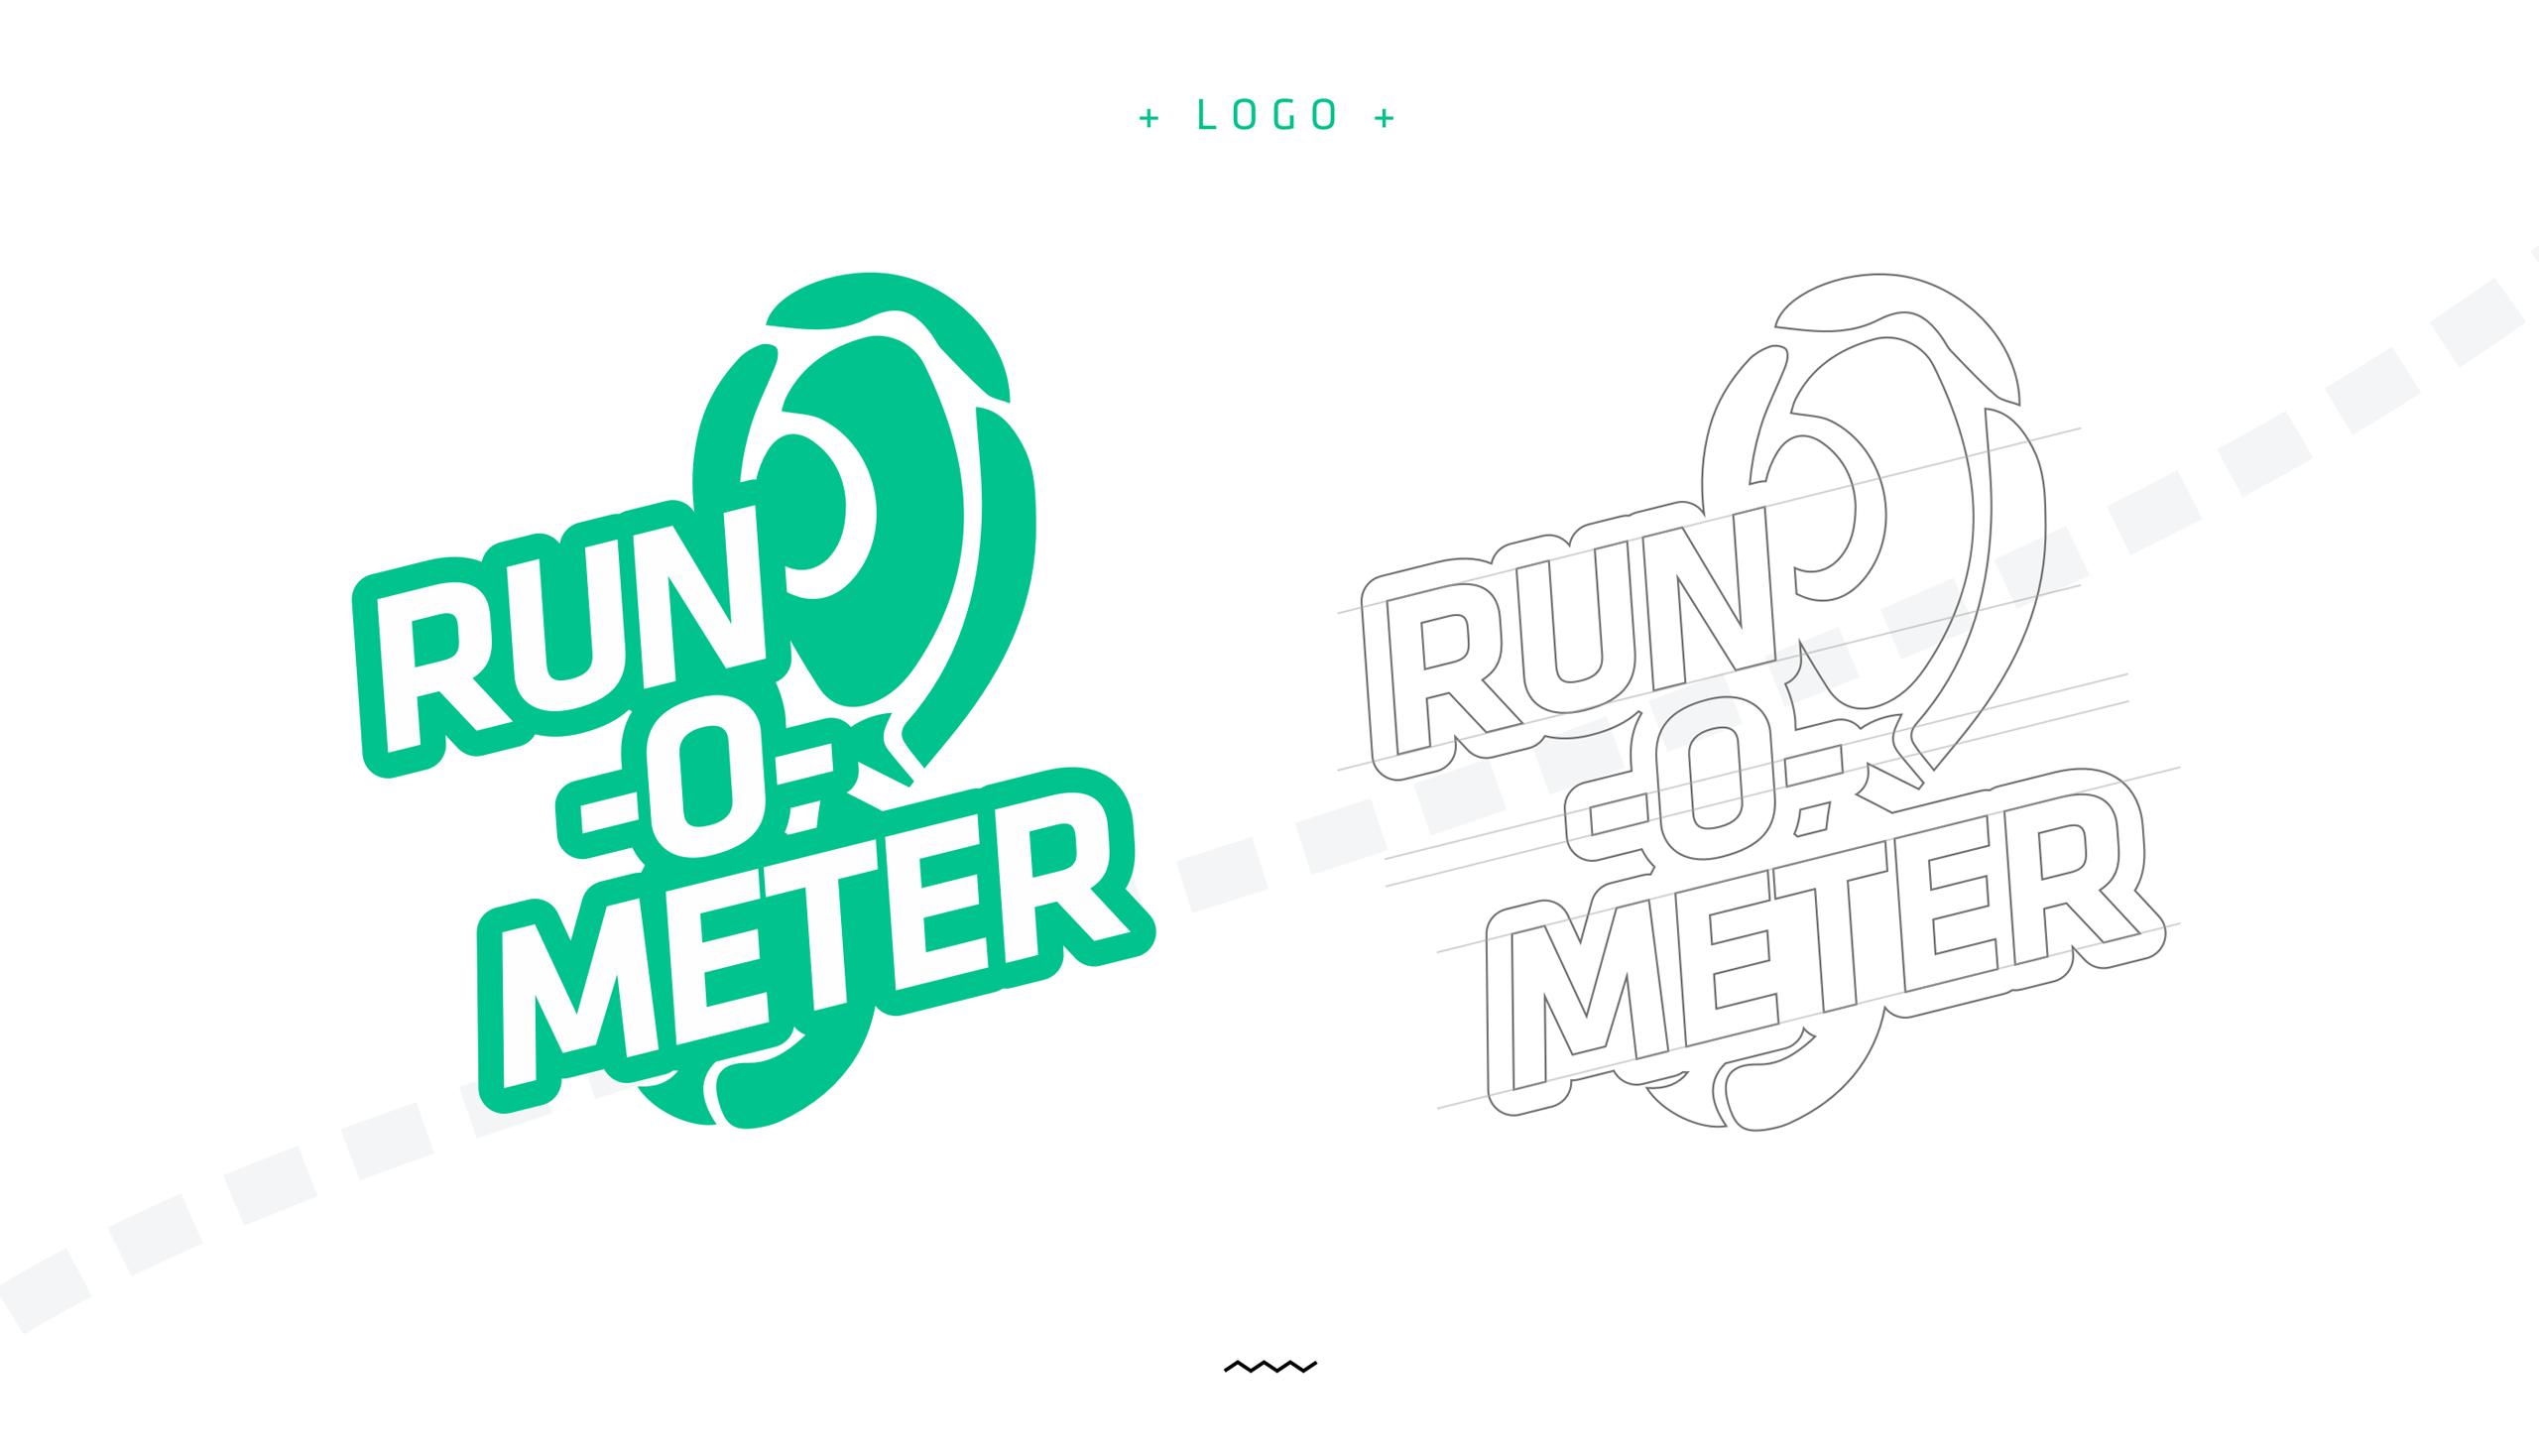 Run-O-Meter